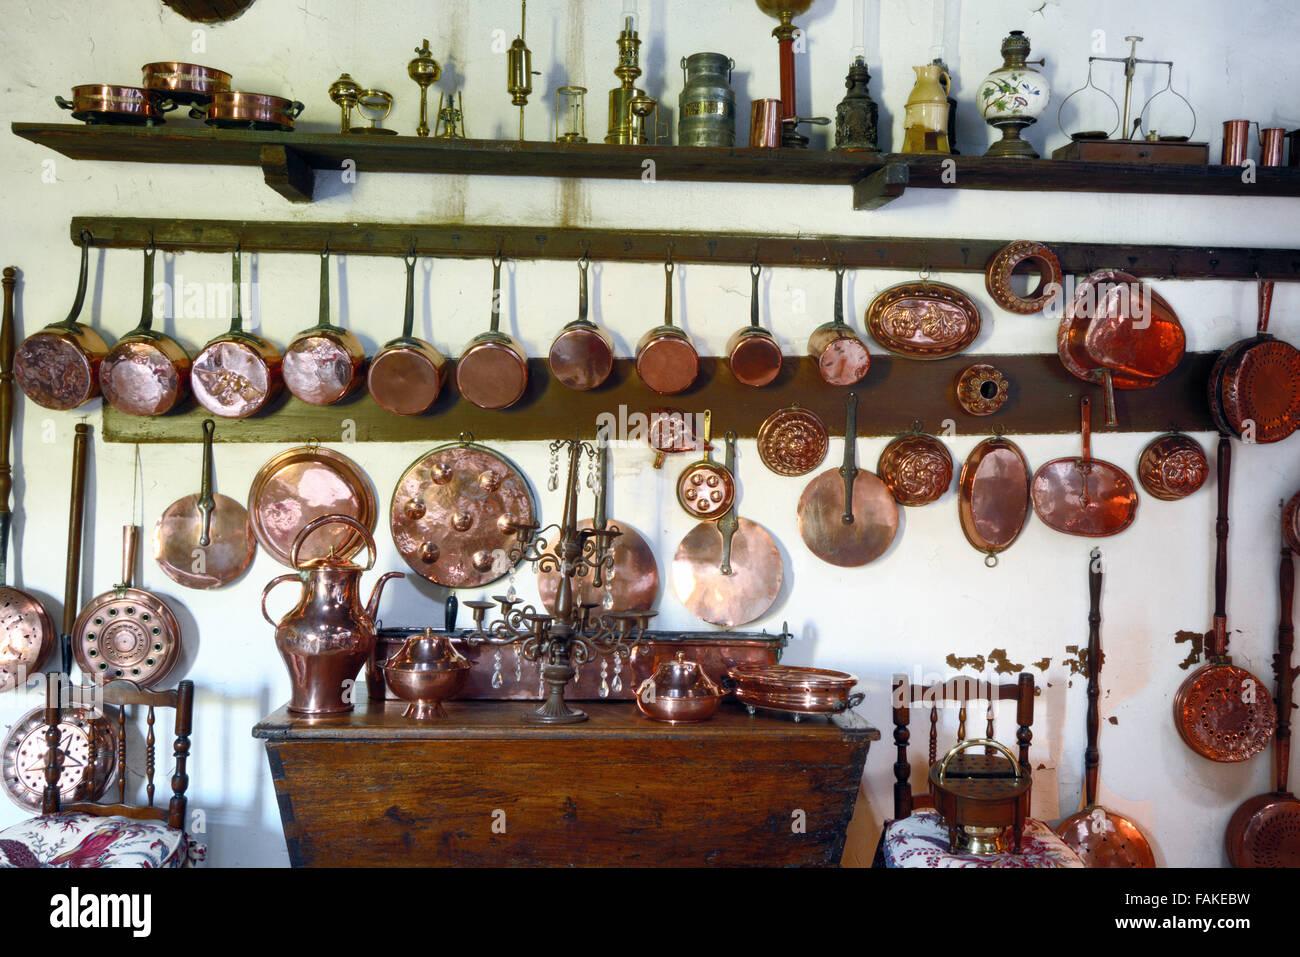 Ungewöhnlich Kupfer Küchengeräte Ideen - Ideen Für Die Küche ...